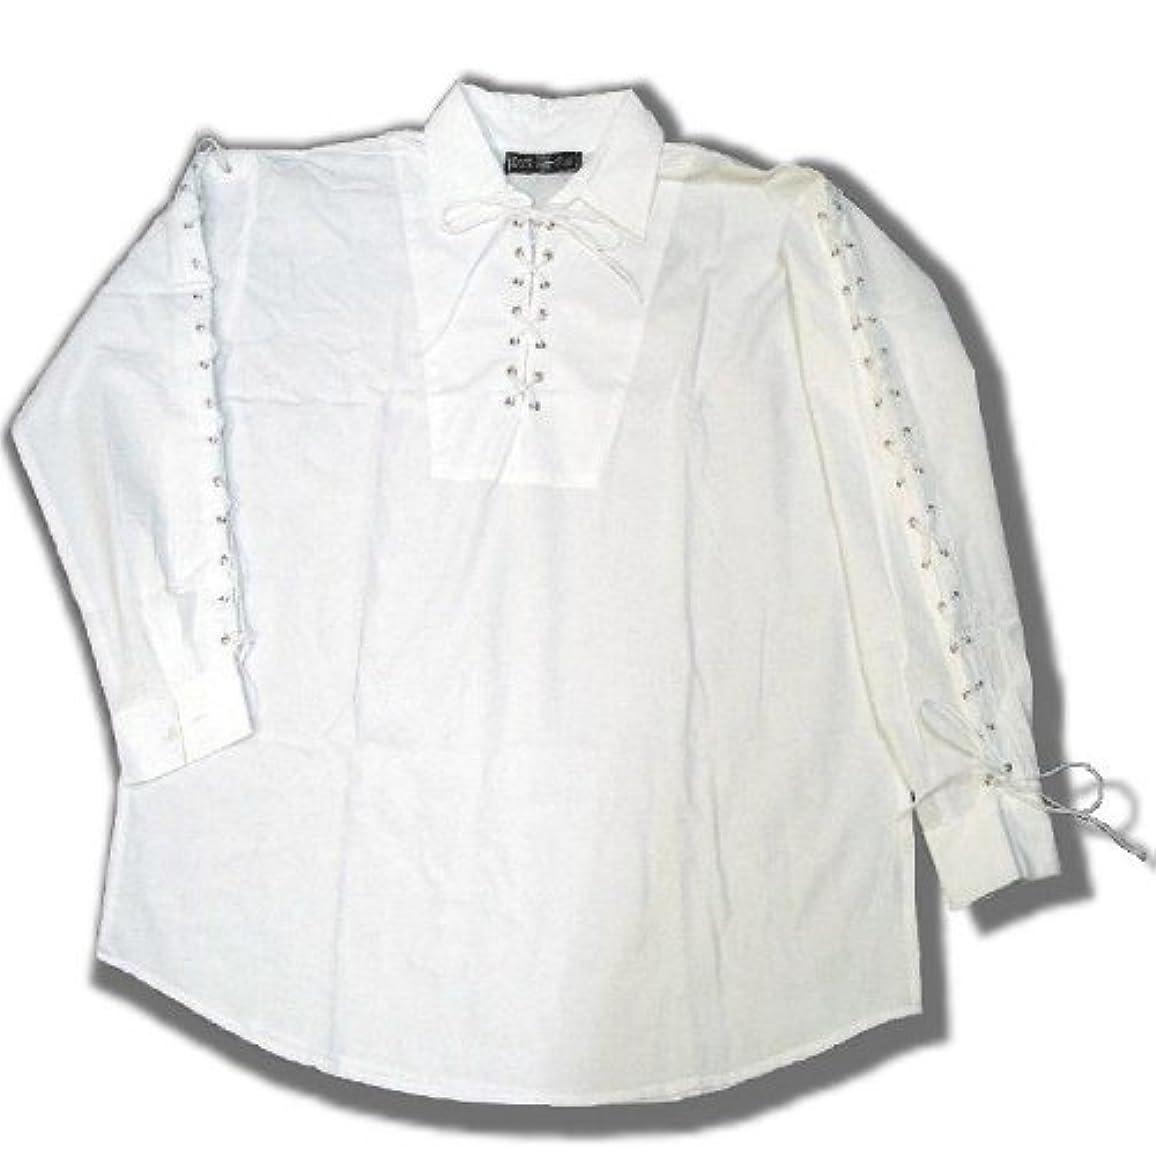 重量重量スペイン語(ダークスター) DARK STAR UK ゴシック 編み上げ絞りロープ 大きいサイズ メンズ 長袖 シャツ 白